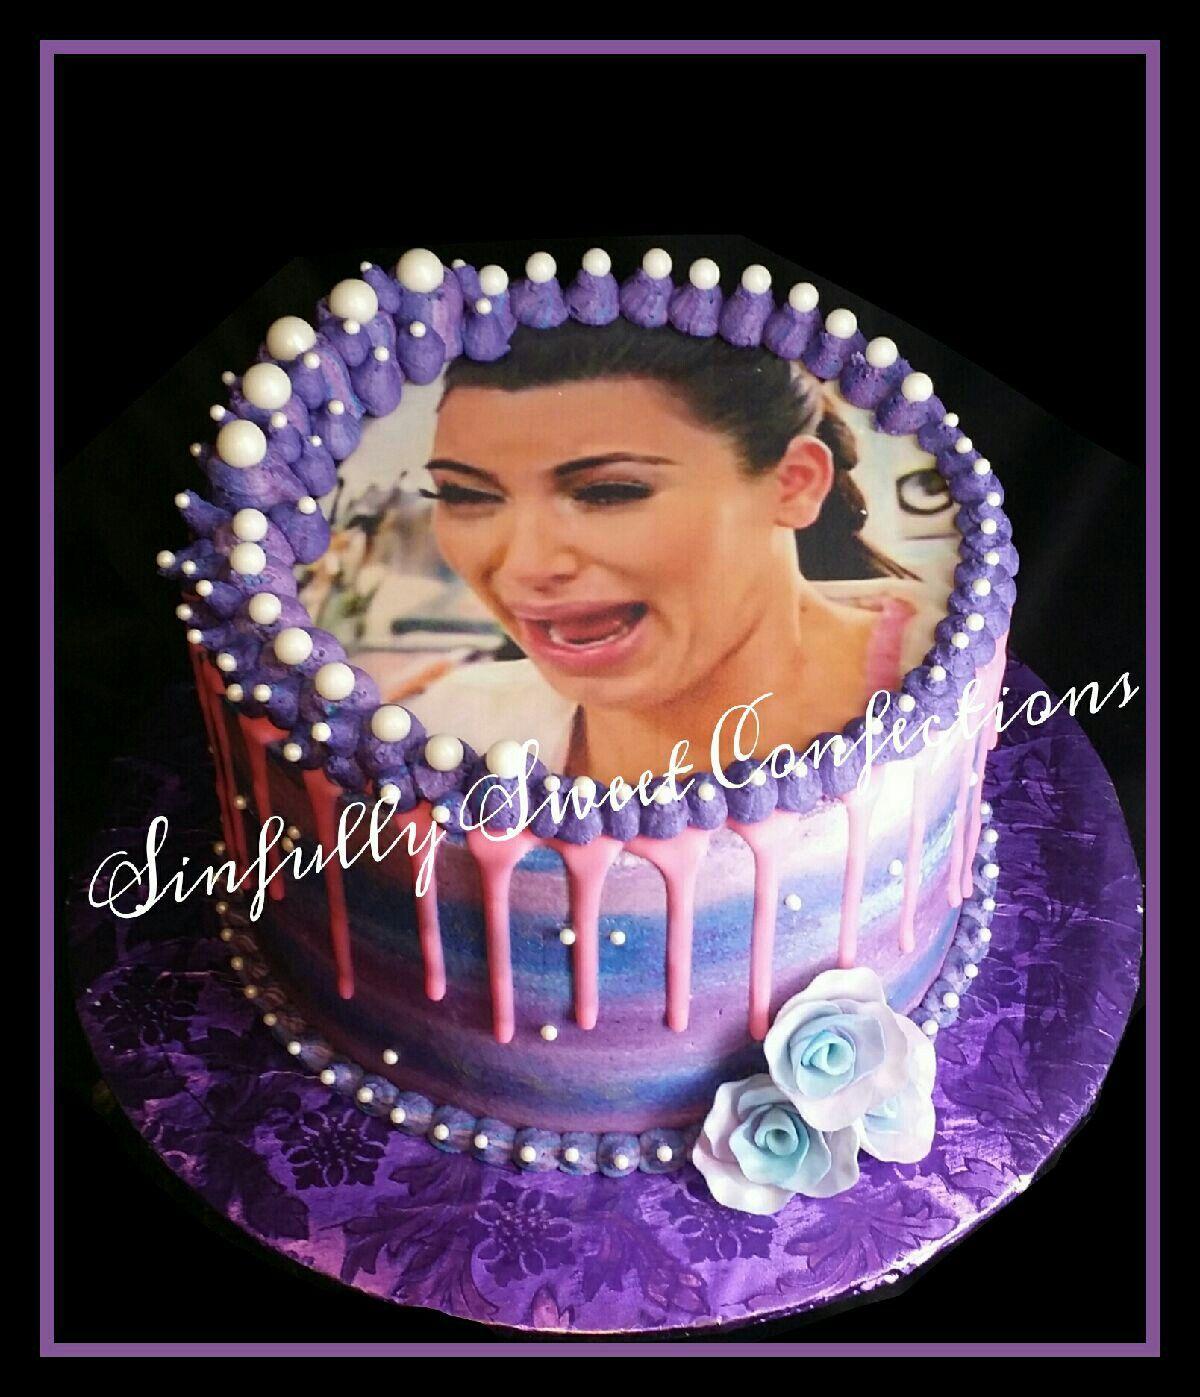 Kim Kardashian Themed Birthday Cake 24th birthday cake